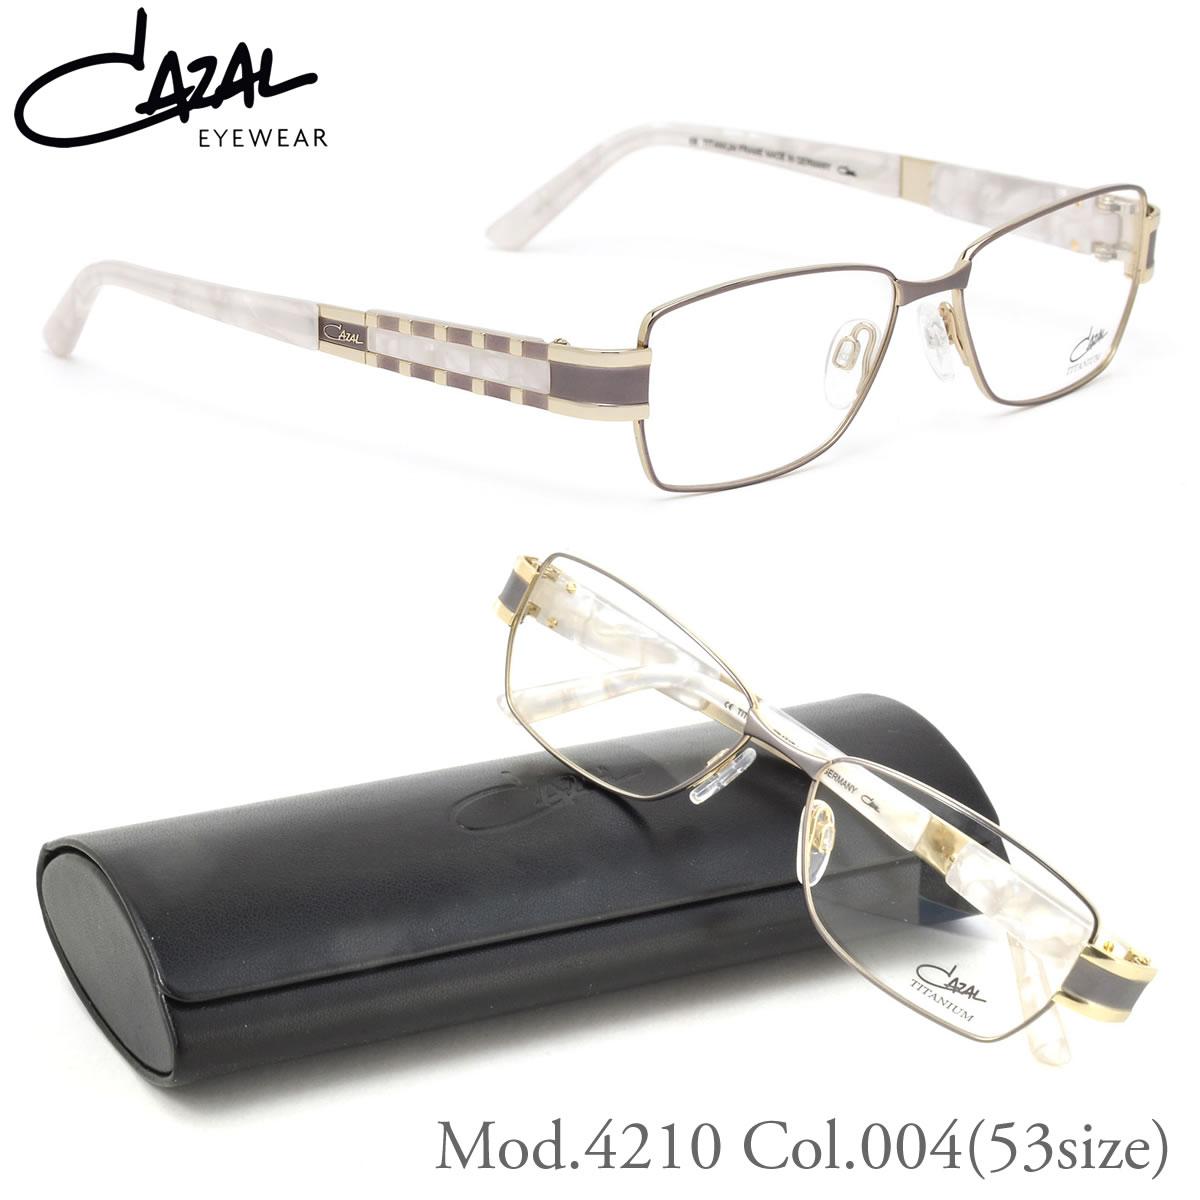 ほぼ全品ポイント15倍!最大34倍!【CAZAL】(カザール) メガネ フレーム 4210 004 53サイズ スクエア チタン カザール CAZAL メンズ レディース